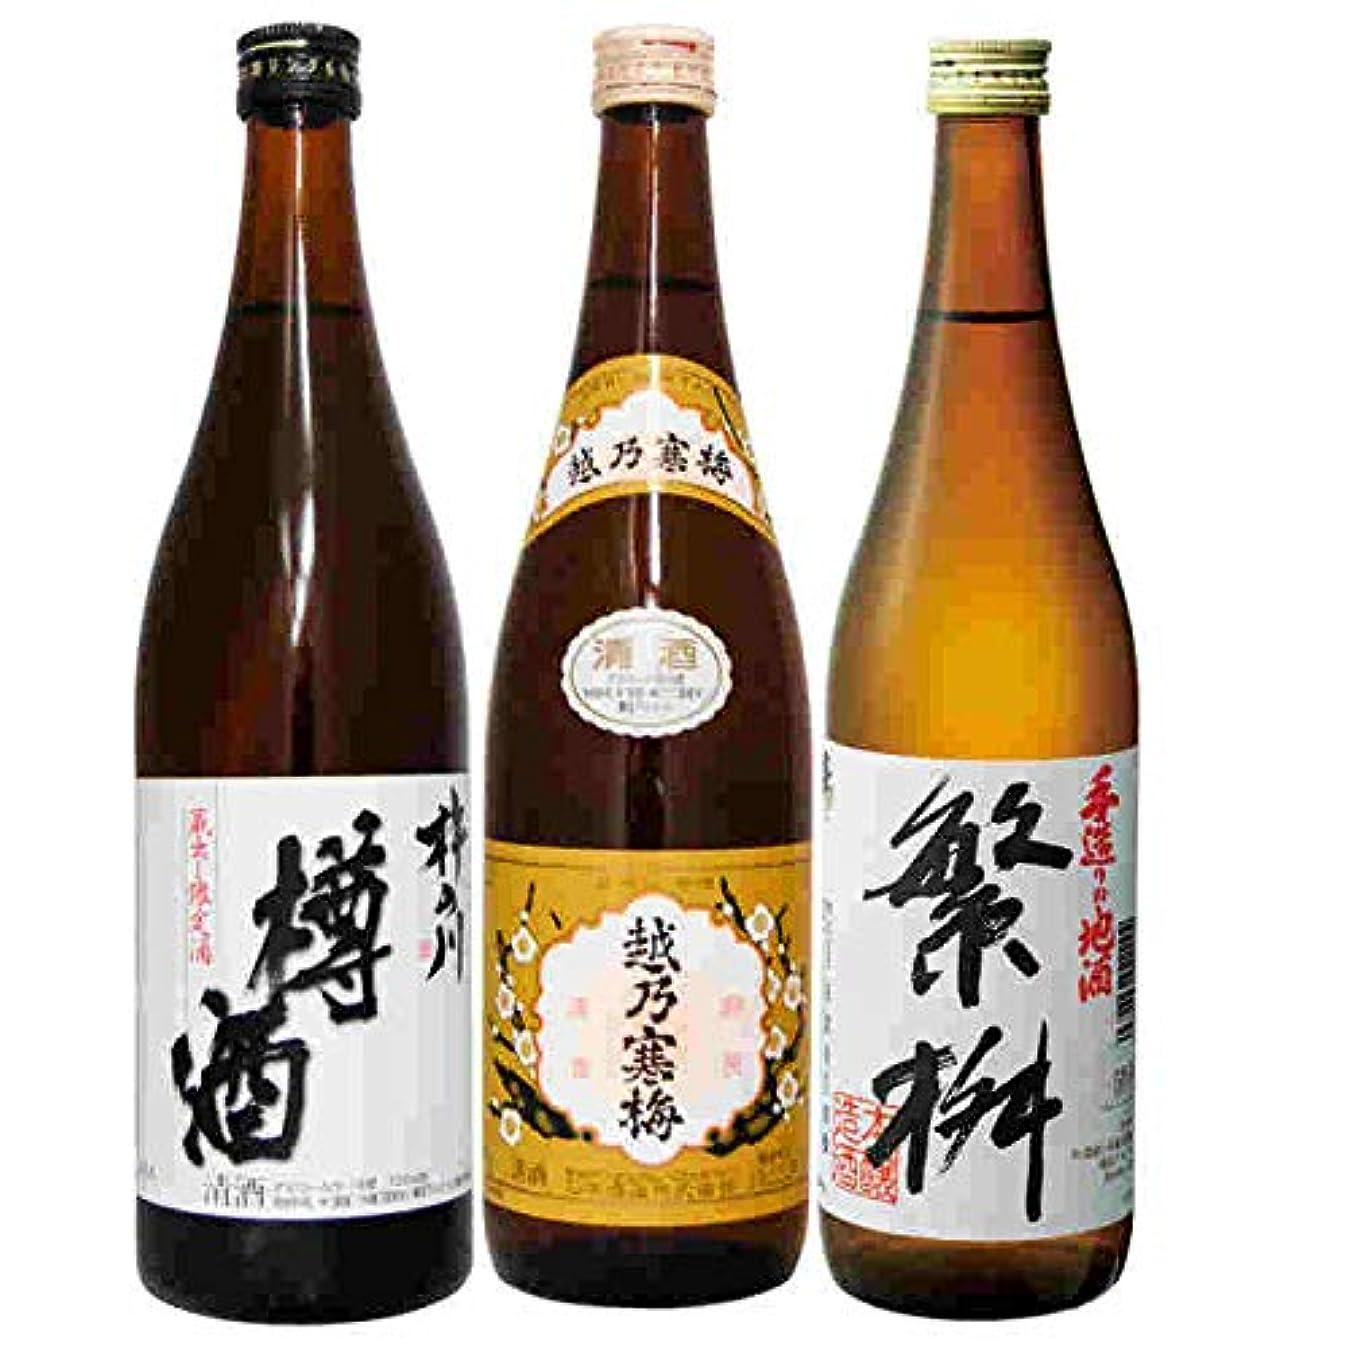 魅了するクラッチバタフライ日本酒3本晩酌飲み比べセット720ml 晩酌地酒セット3本入越乃寒梅 繁桝 杵の川